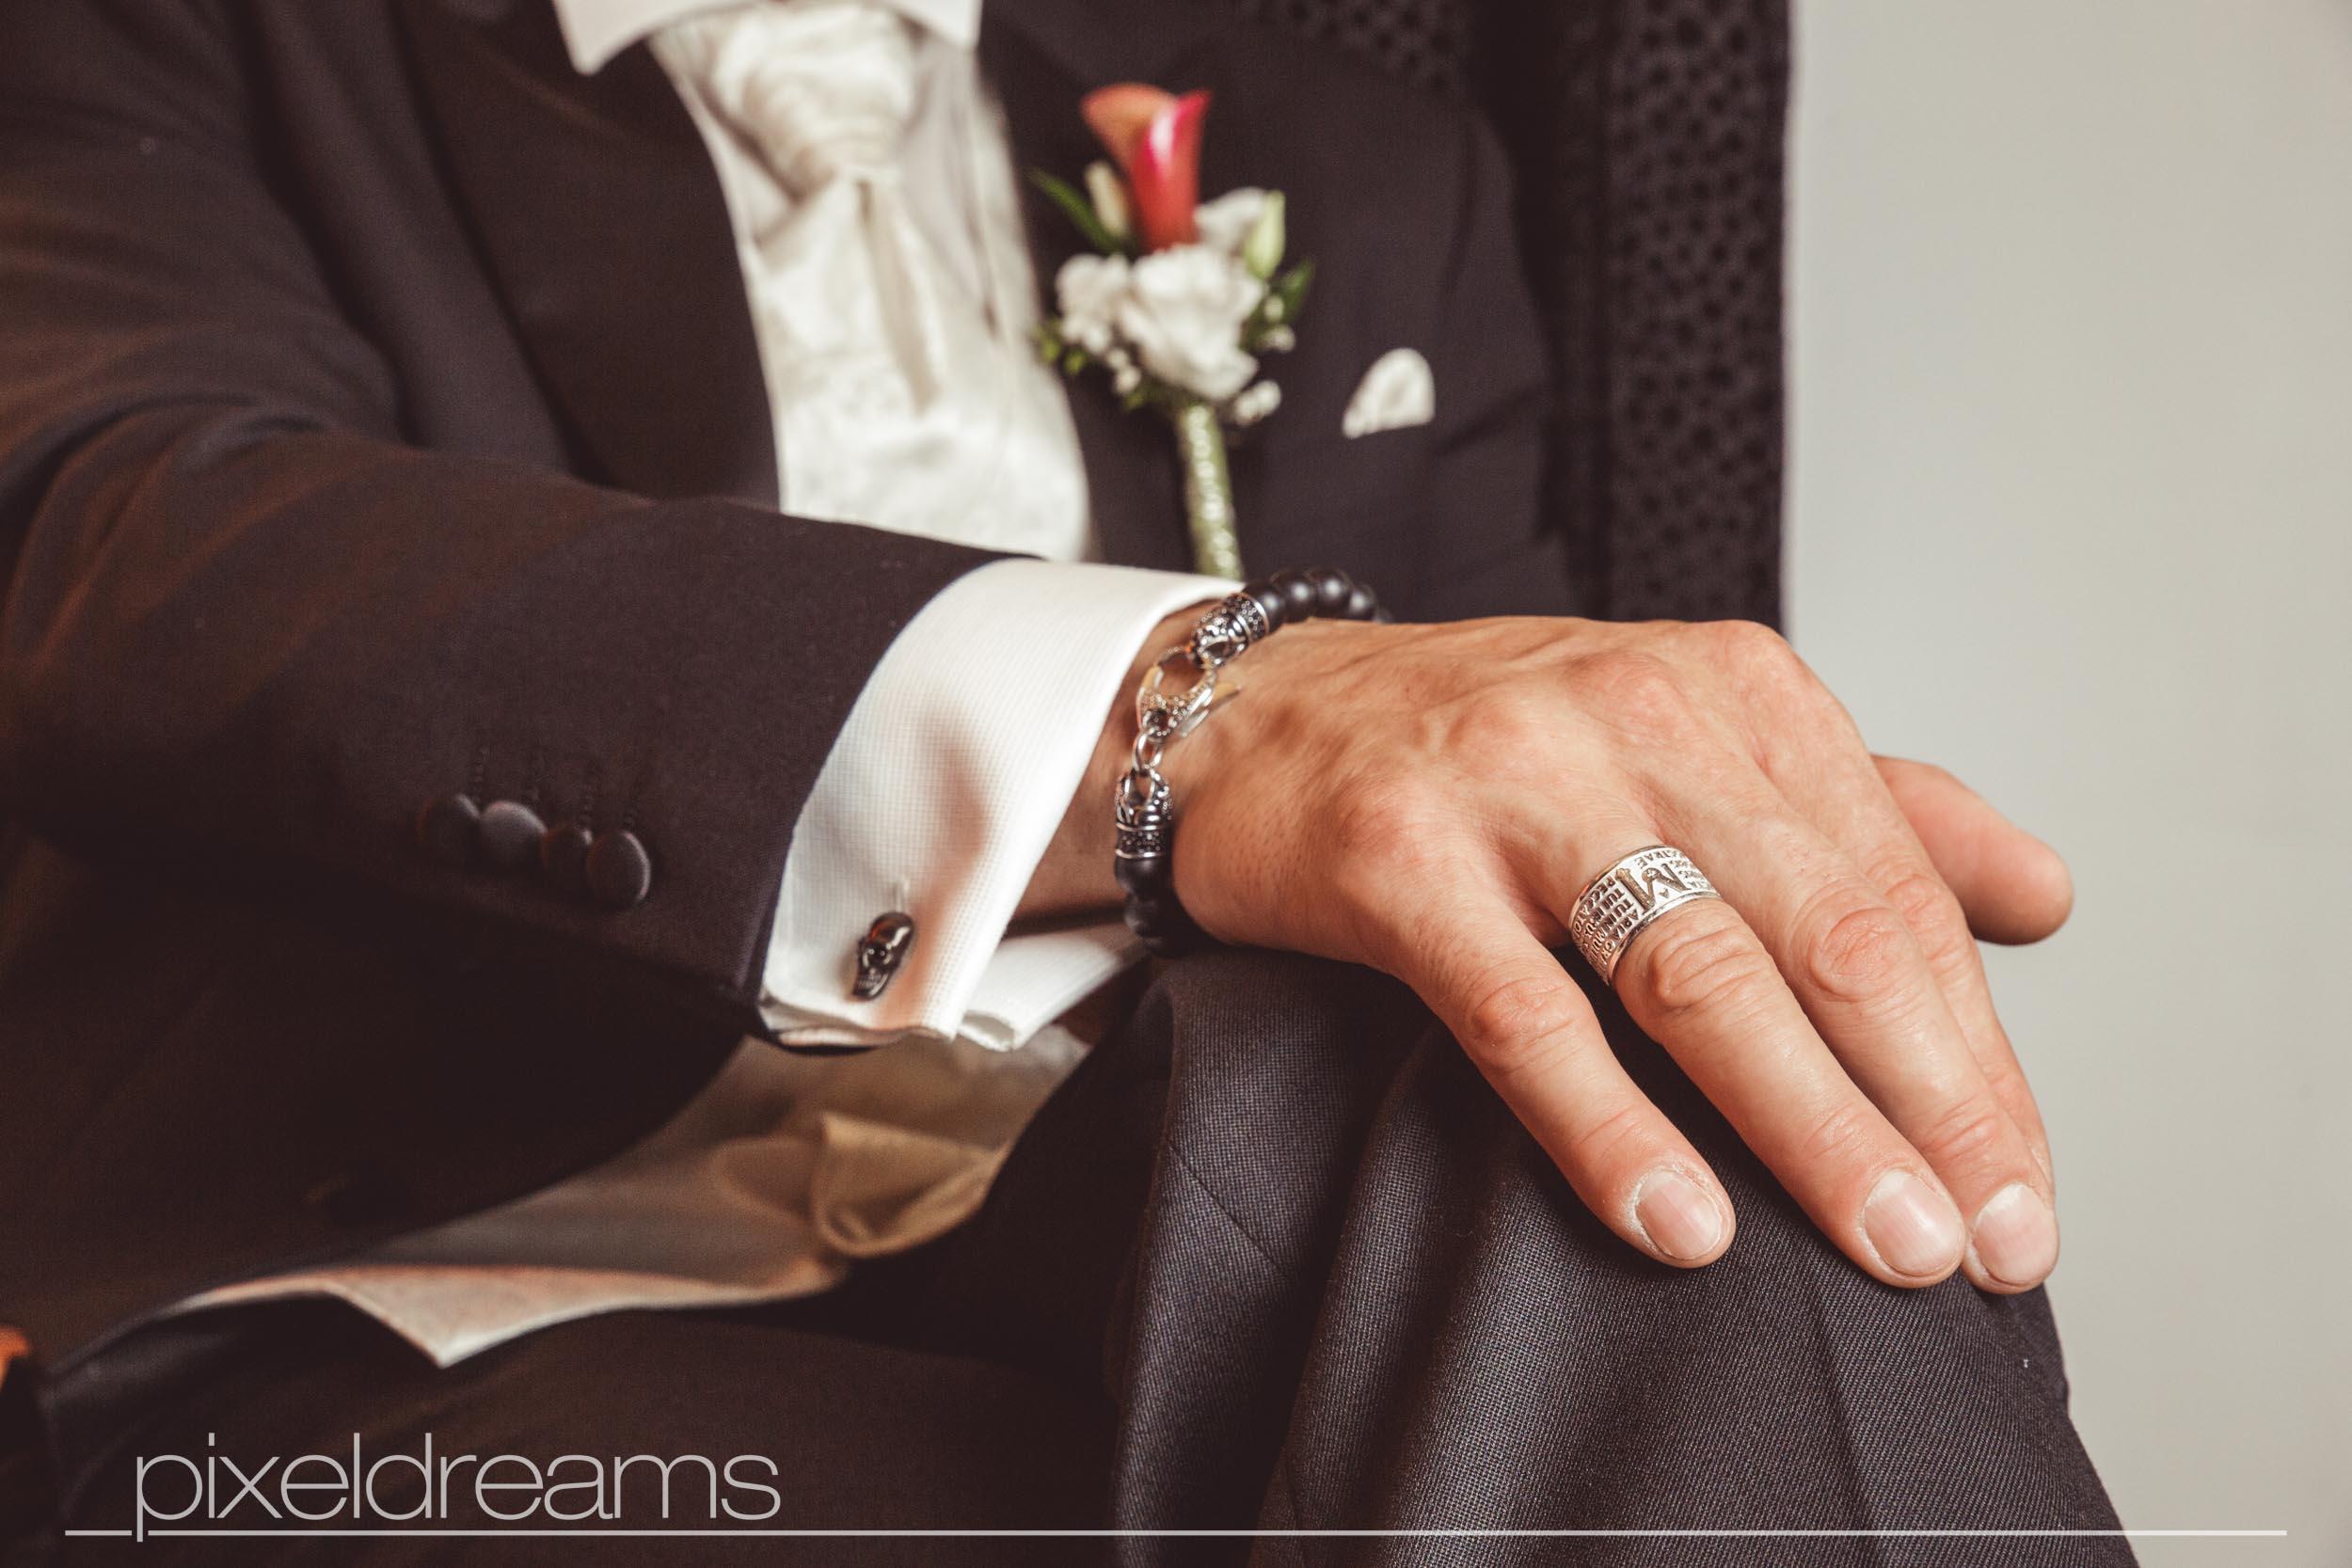 Bräutigam sitzt und wartet auf die Braut. Sein außergewöhnlicher Trauring steht im Focus- Hochzeitsfotos vom Hochzeitsfotografen Pixeldreams